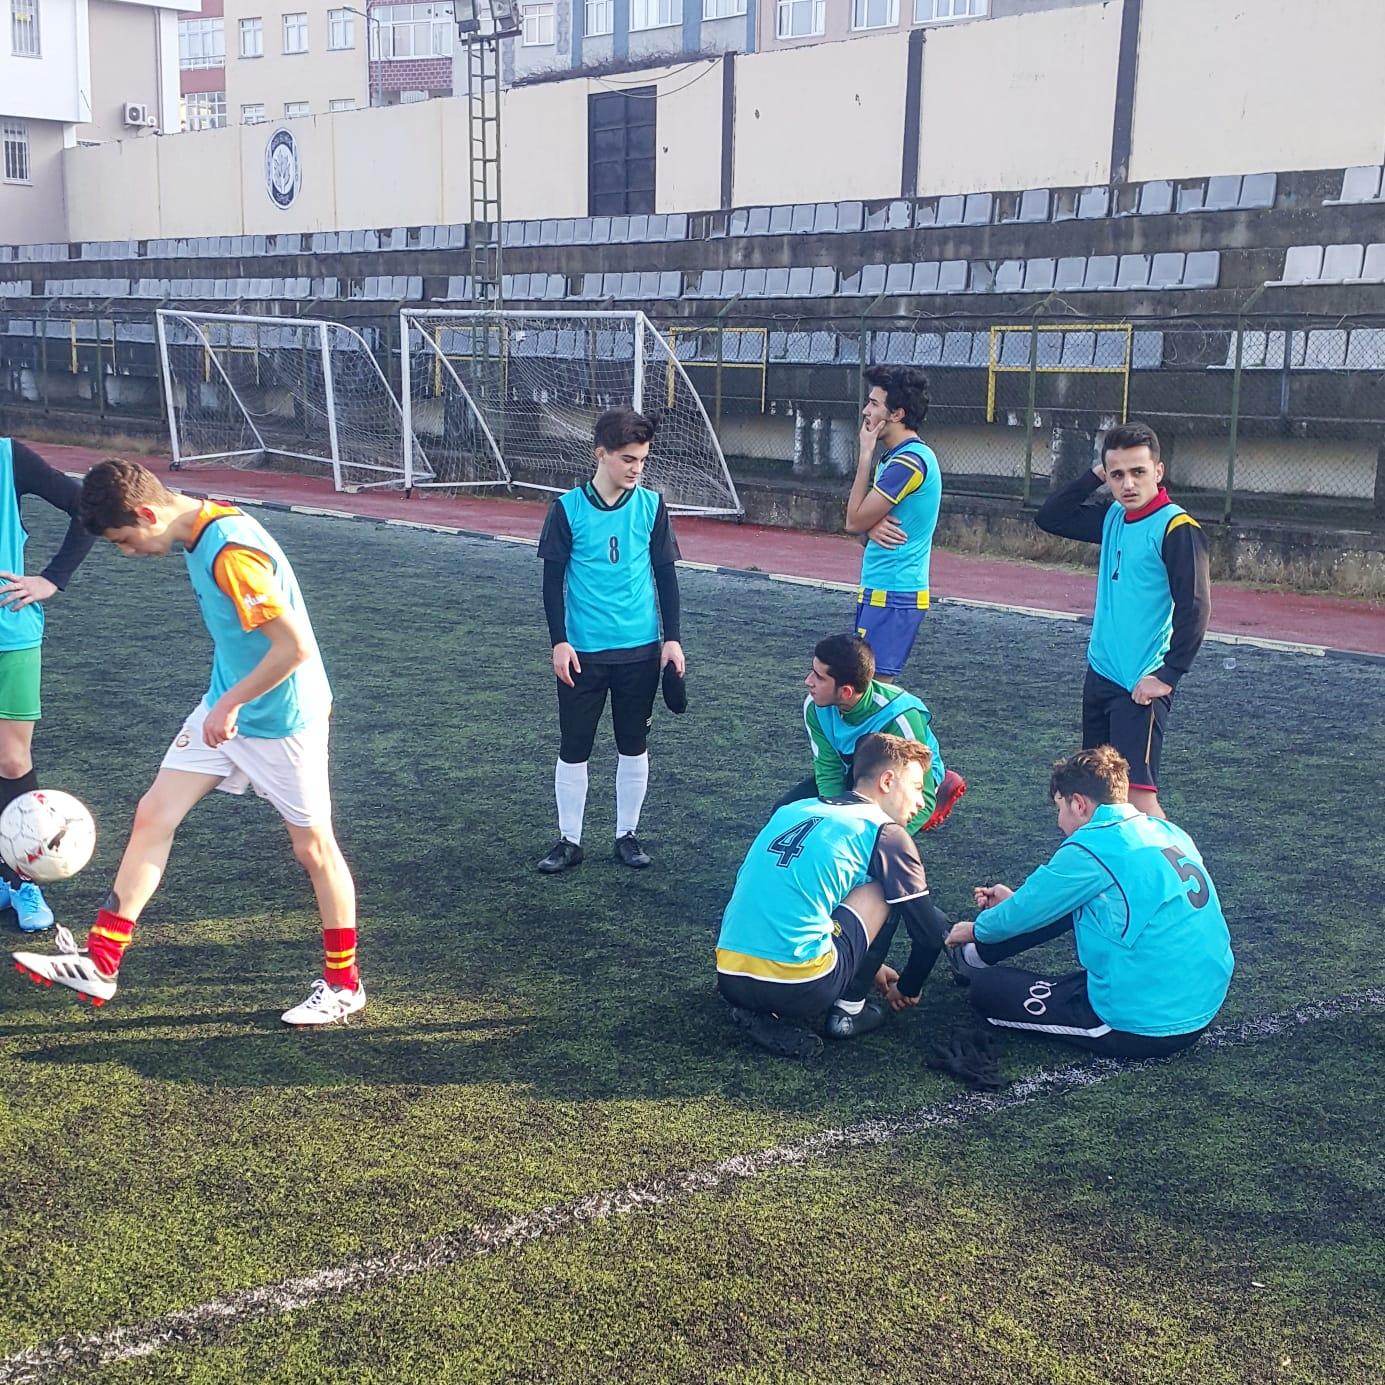 64.İstanbul Altyapı Kategorisi Futbolcu Deneme Kampı 7-8 Mart 2020 (2001-2006 Arası)